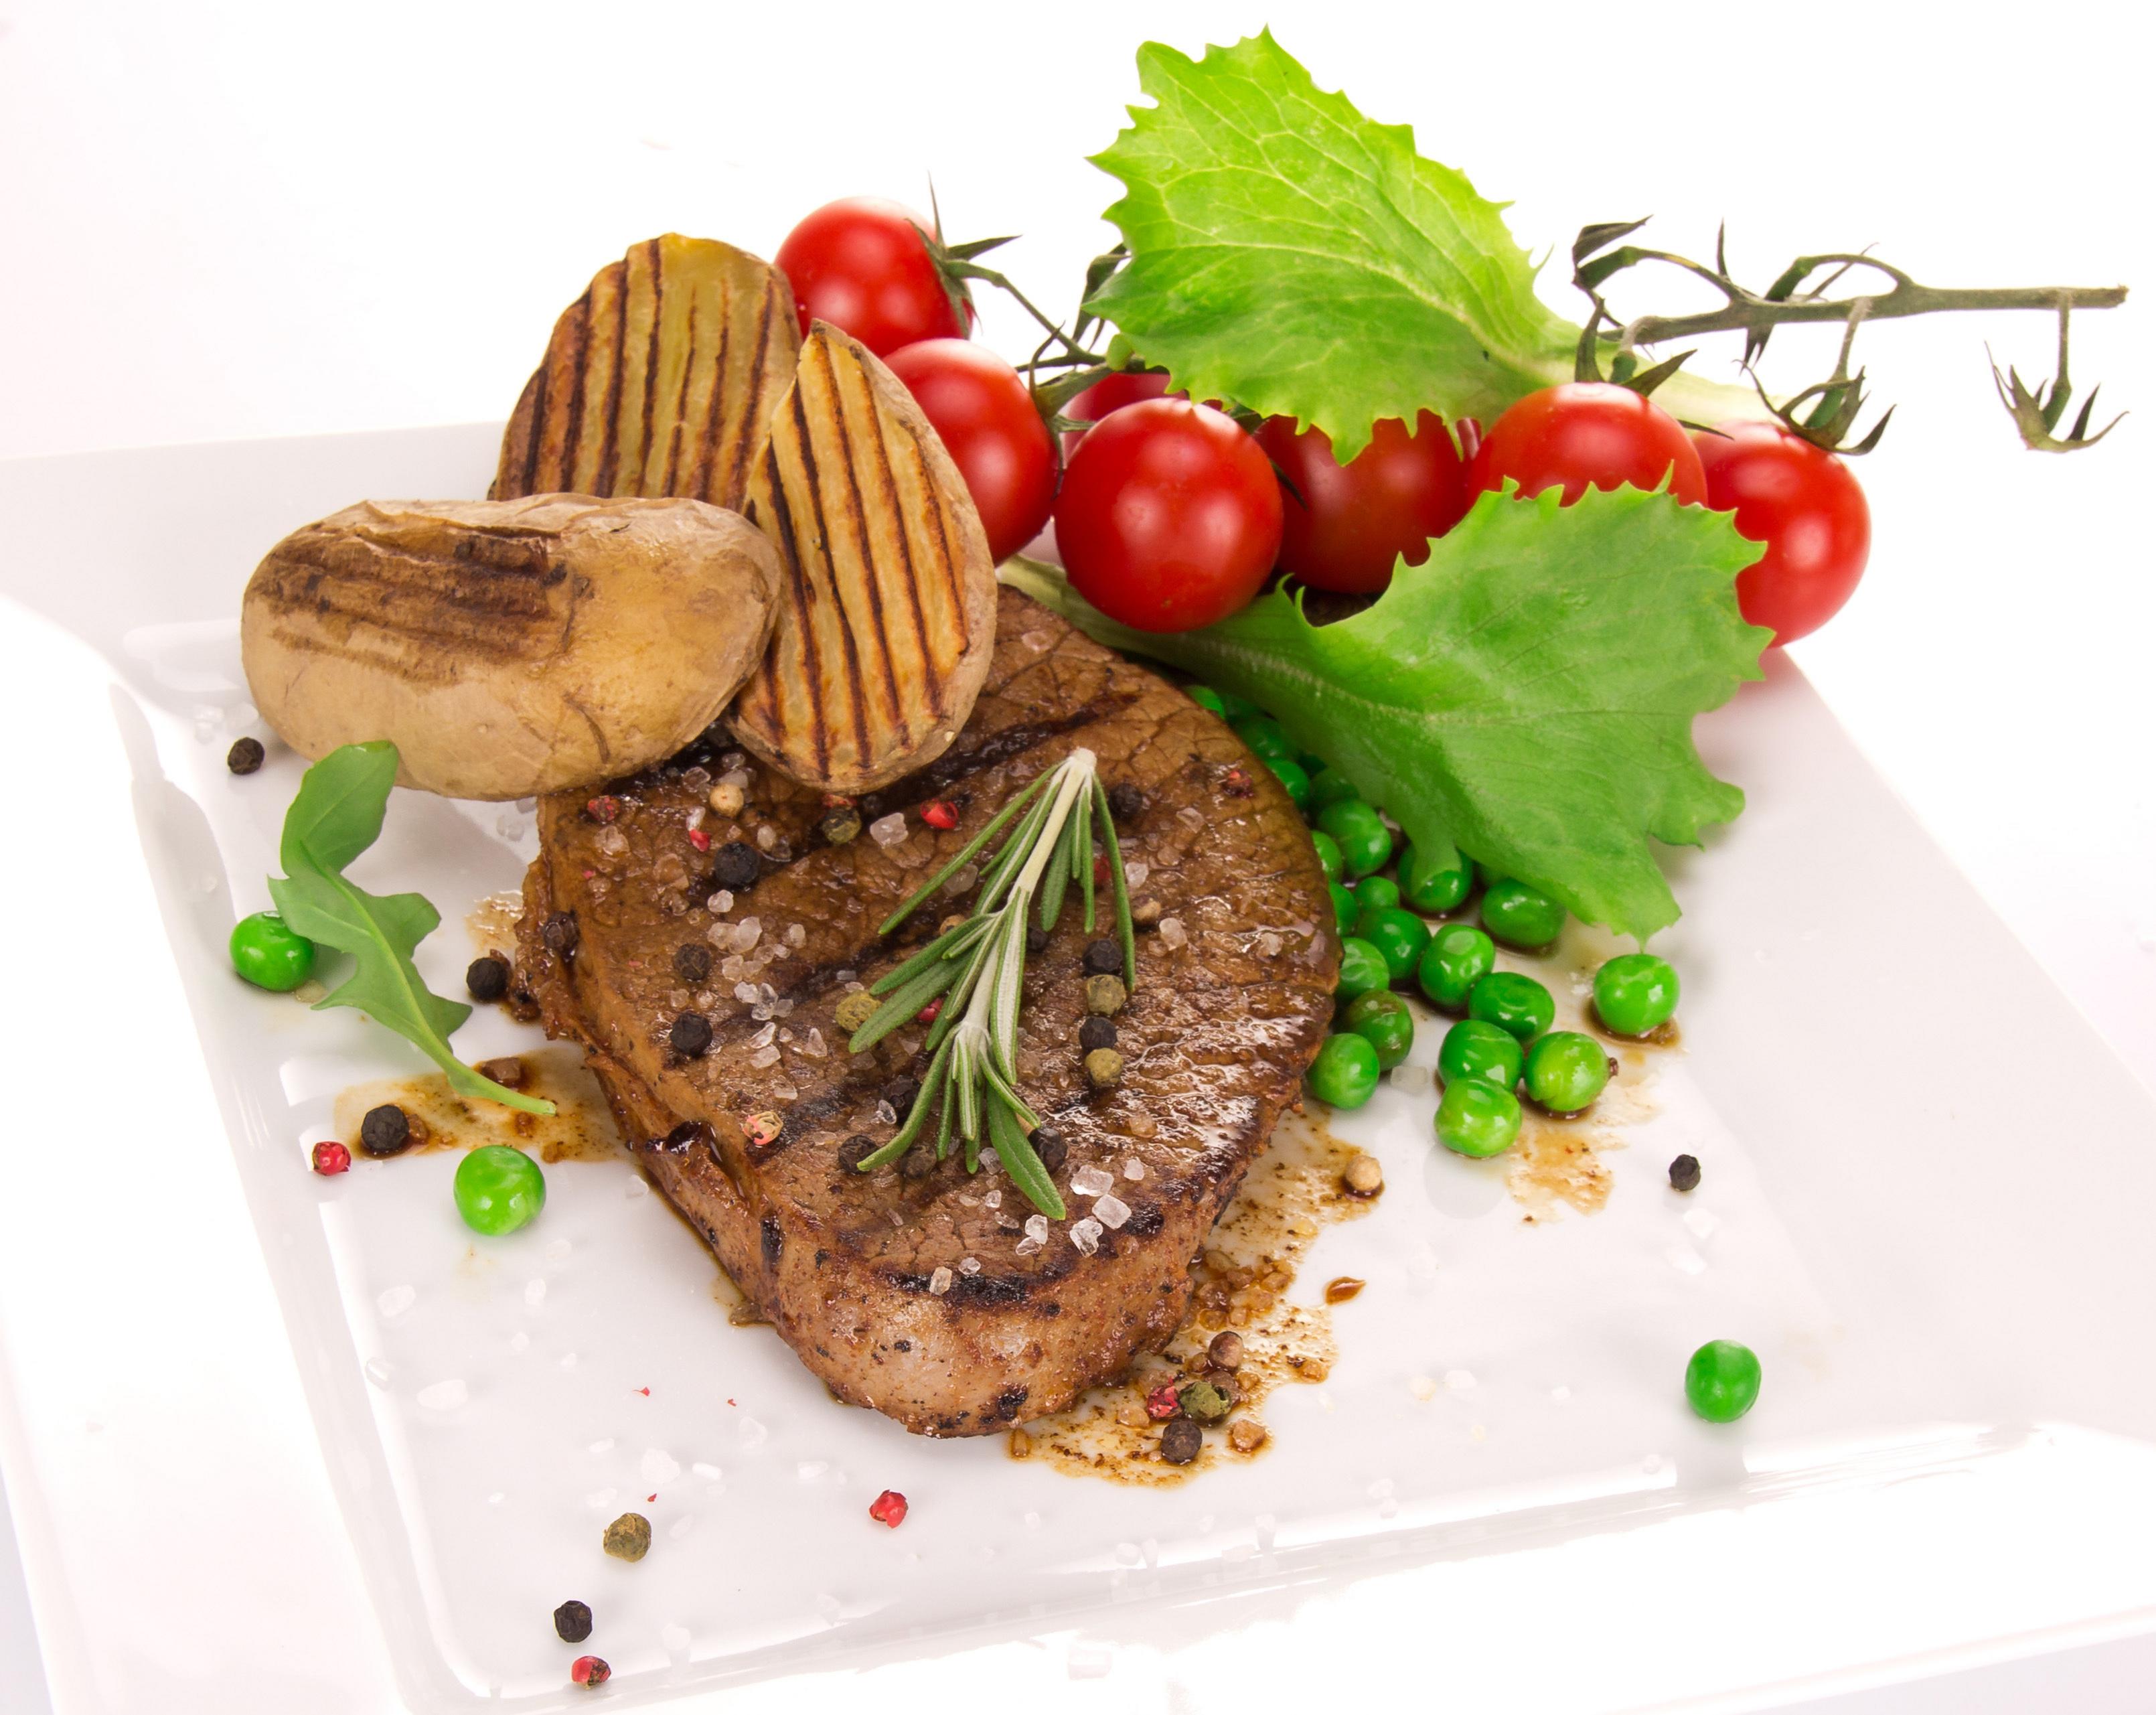 Мясо жареное, скачать фото, с езеленью, вкусно приготовленное, обои на рабочий стол